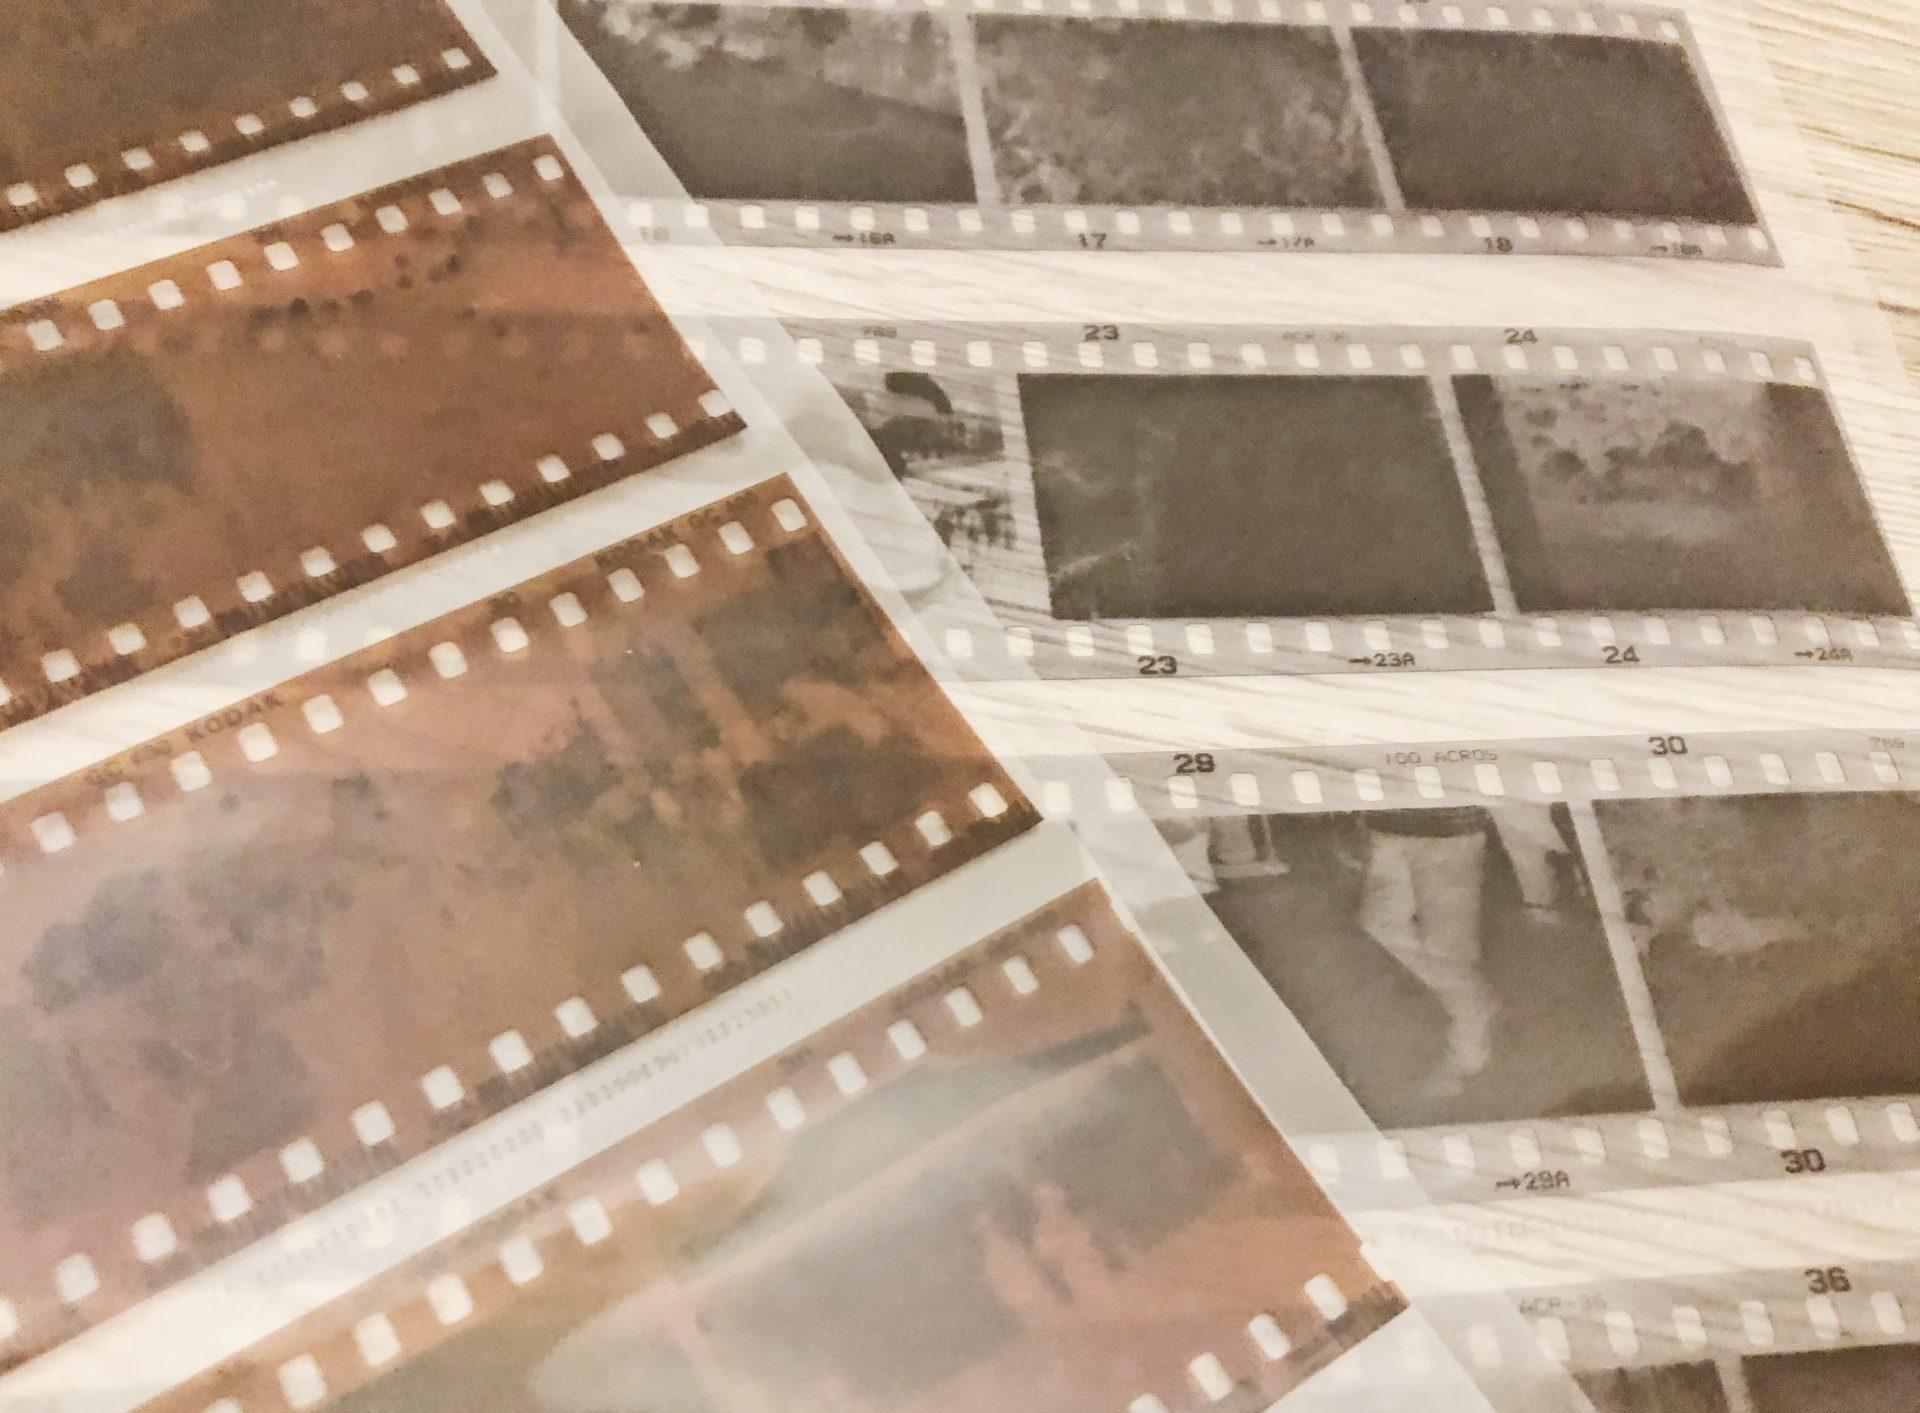 ネガ?ポジ?ISO?フィルムカメラを始めたいけど、どんなフィルムを買えば良いのか分からなかったので種類をまとめてみた。